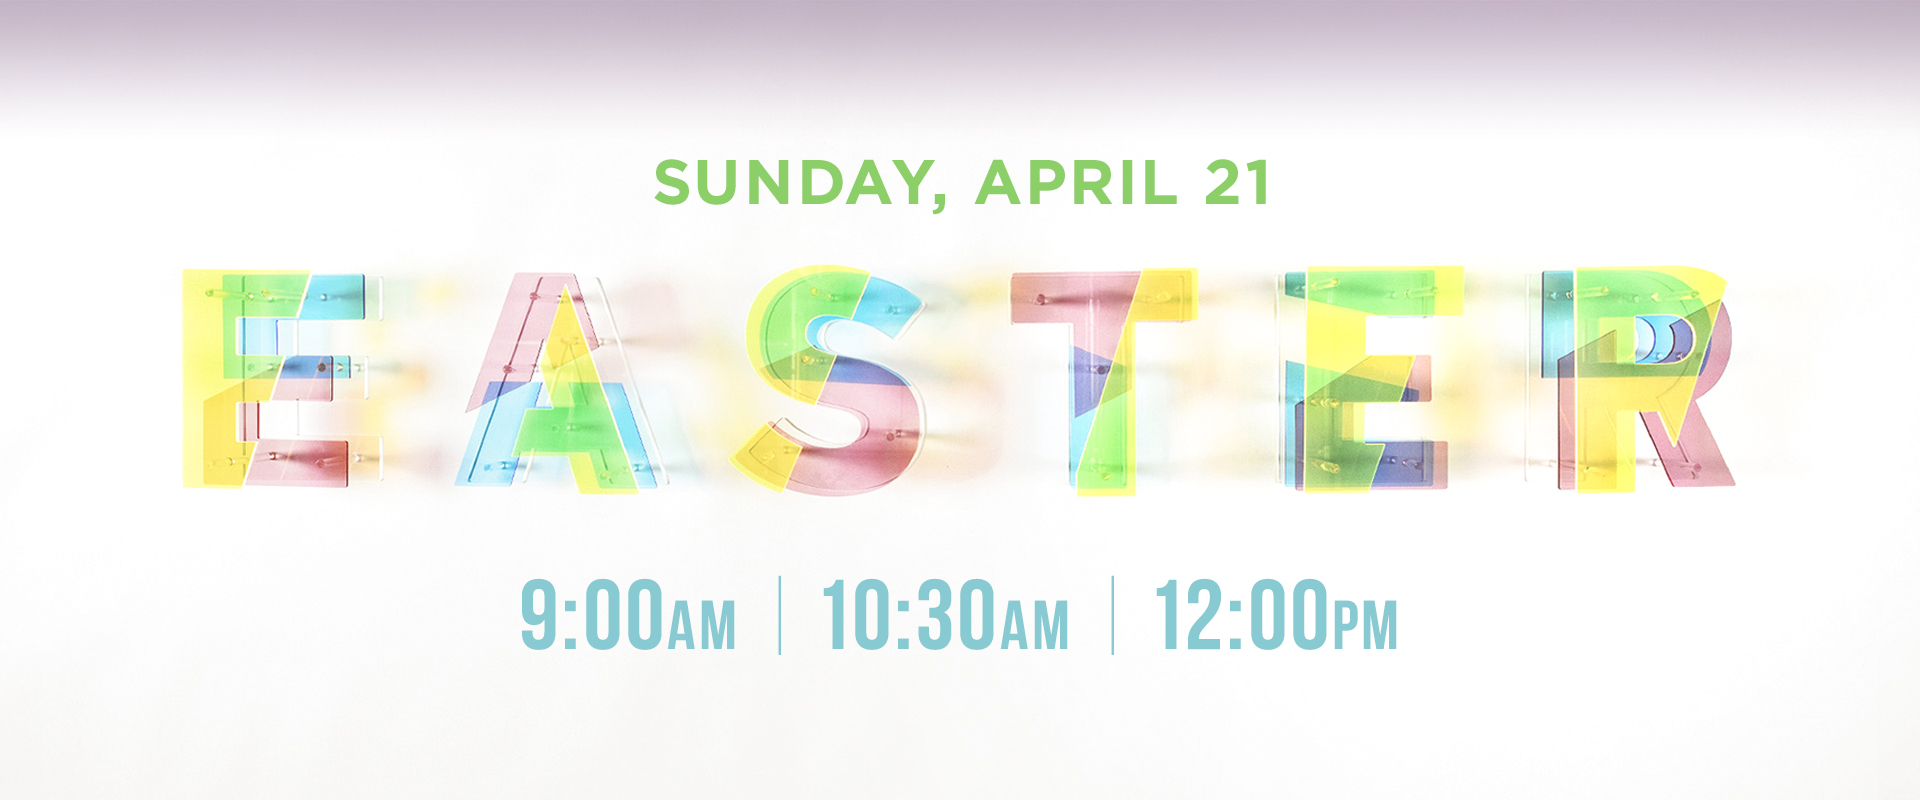 Easter 2019 Slide - April 21